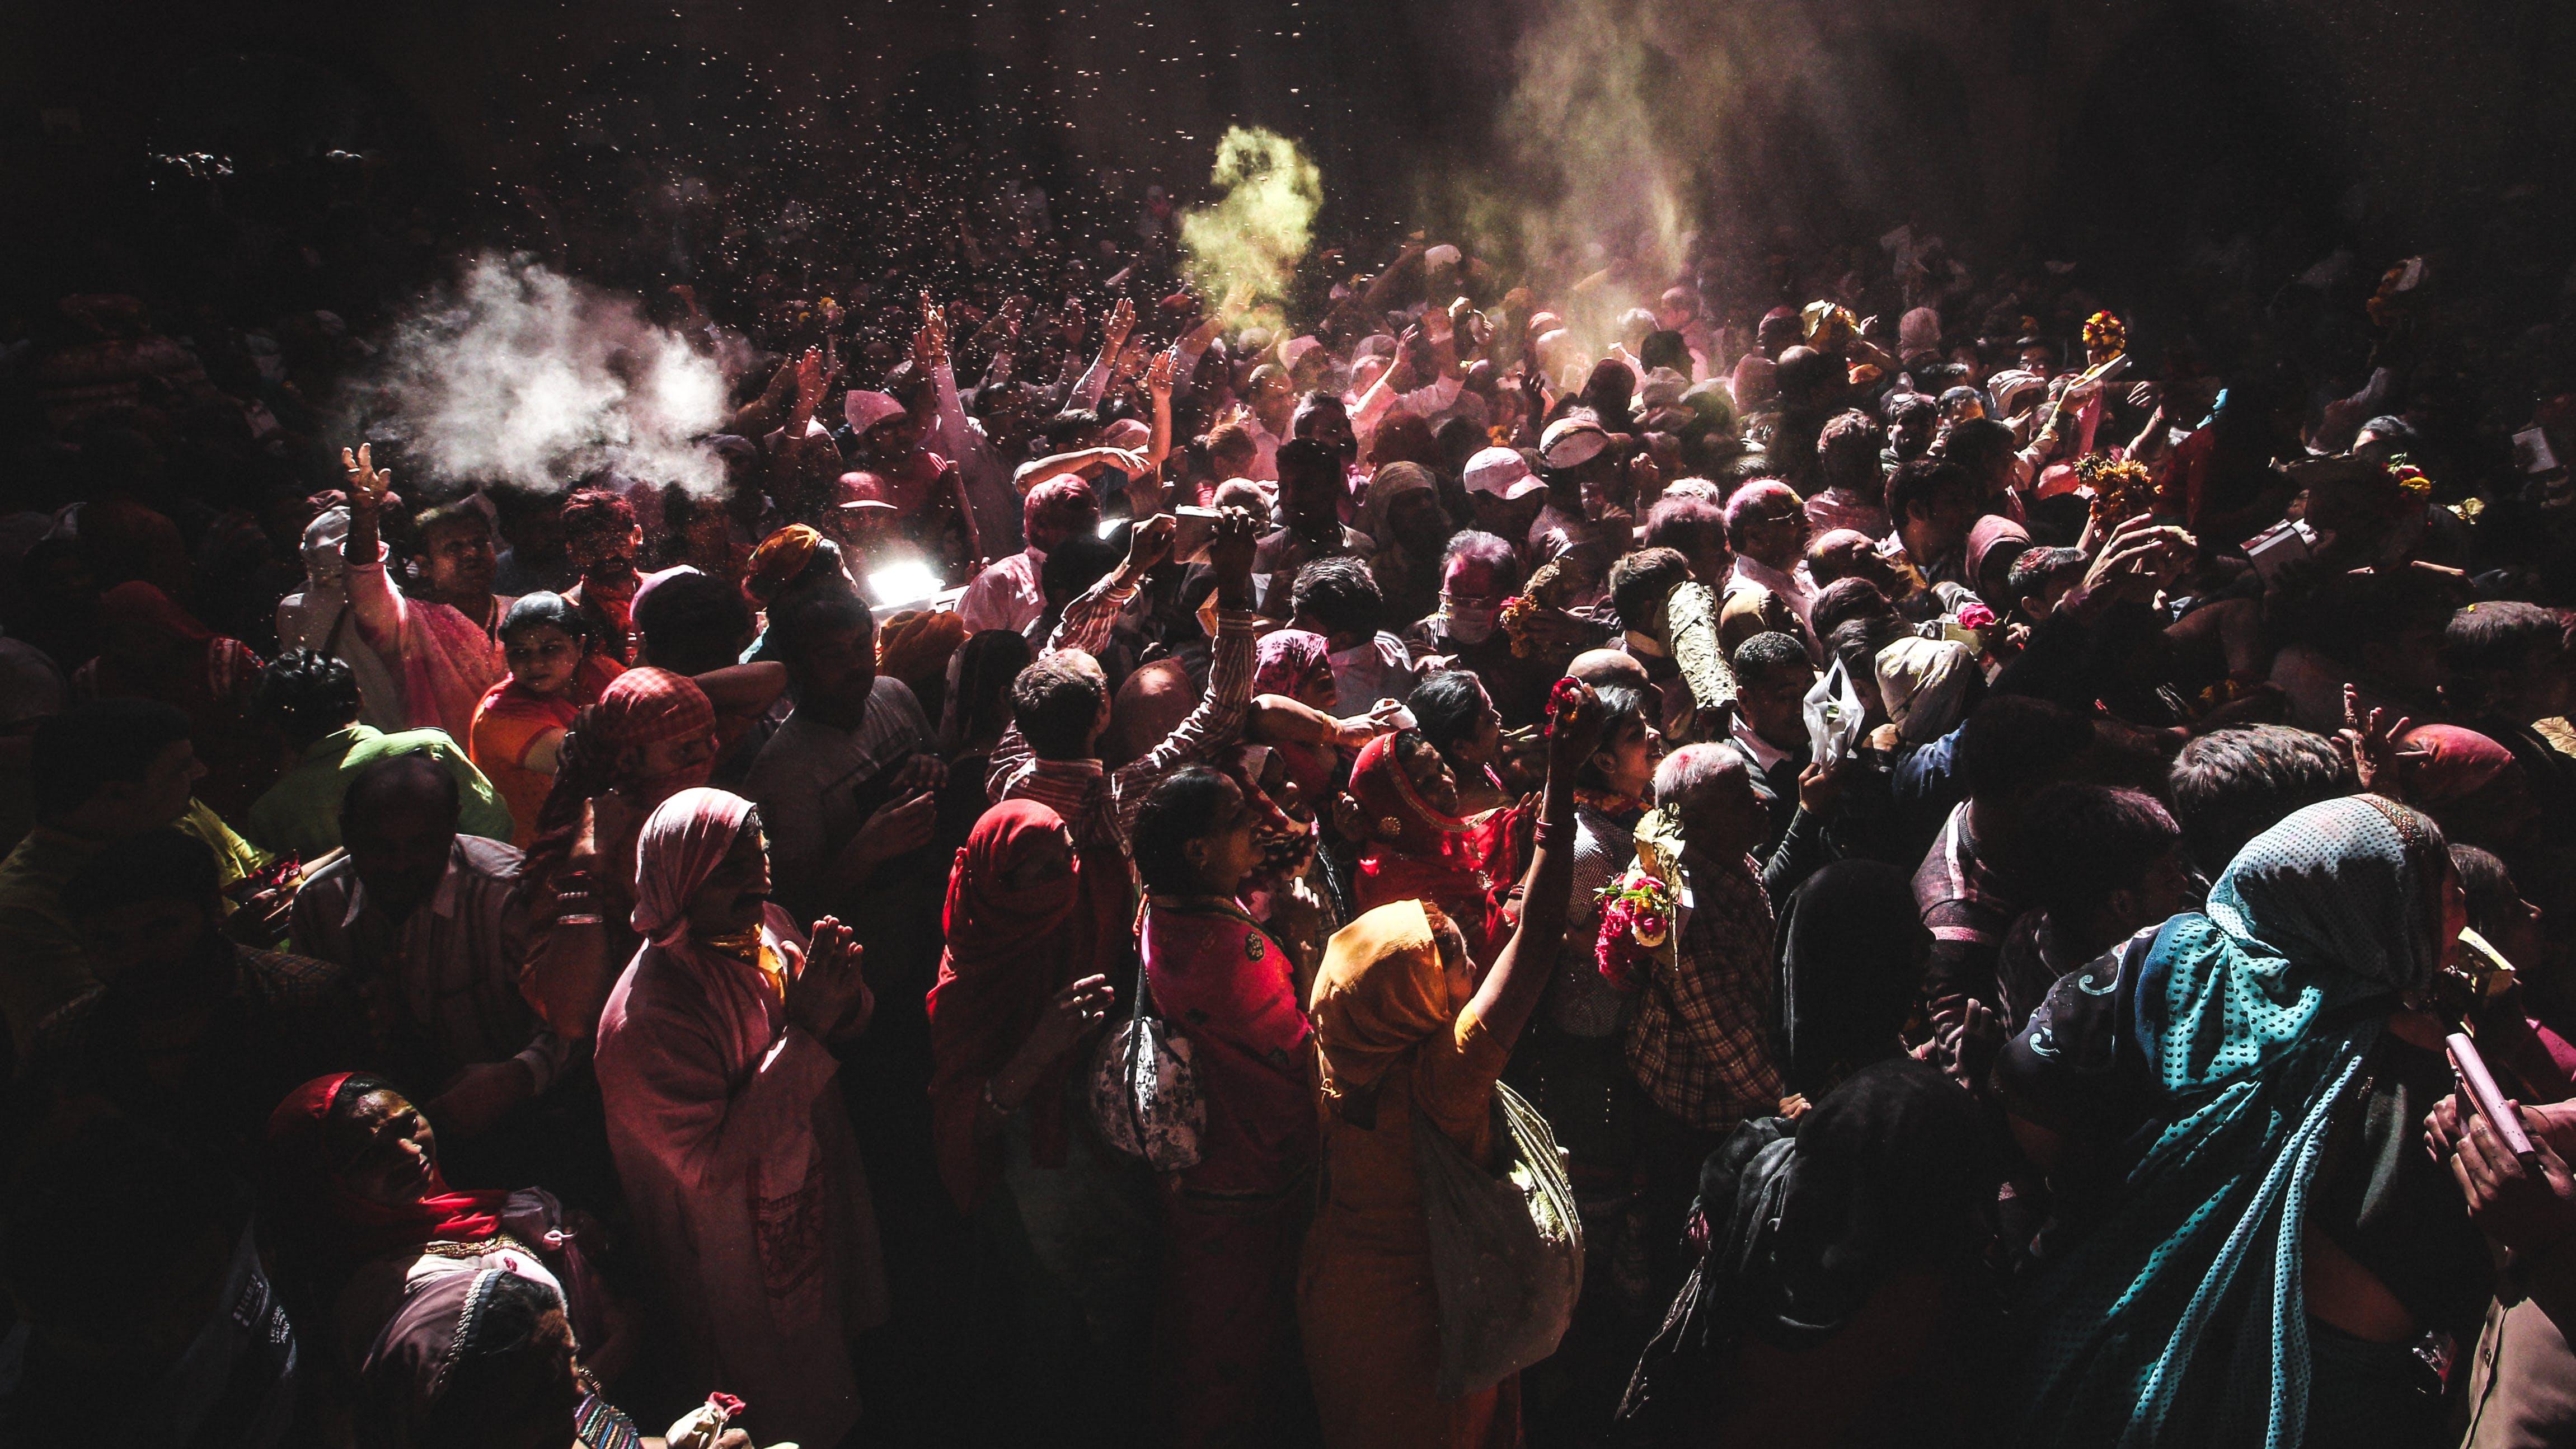 Gratis lagerfoto af farve festival, Festival, festival af farver, folk